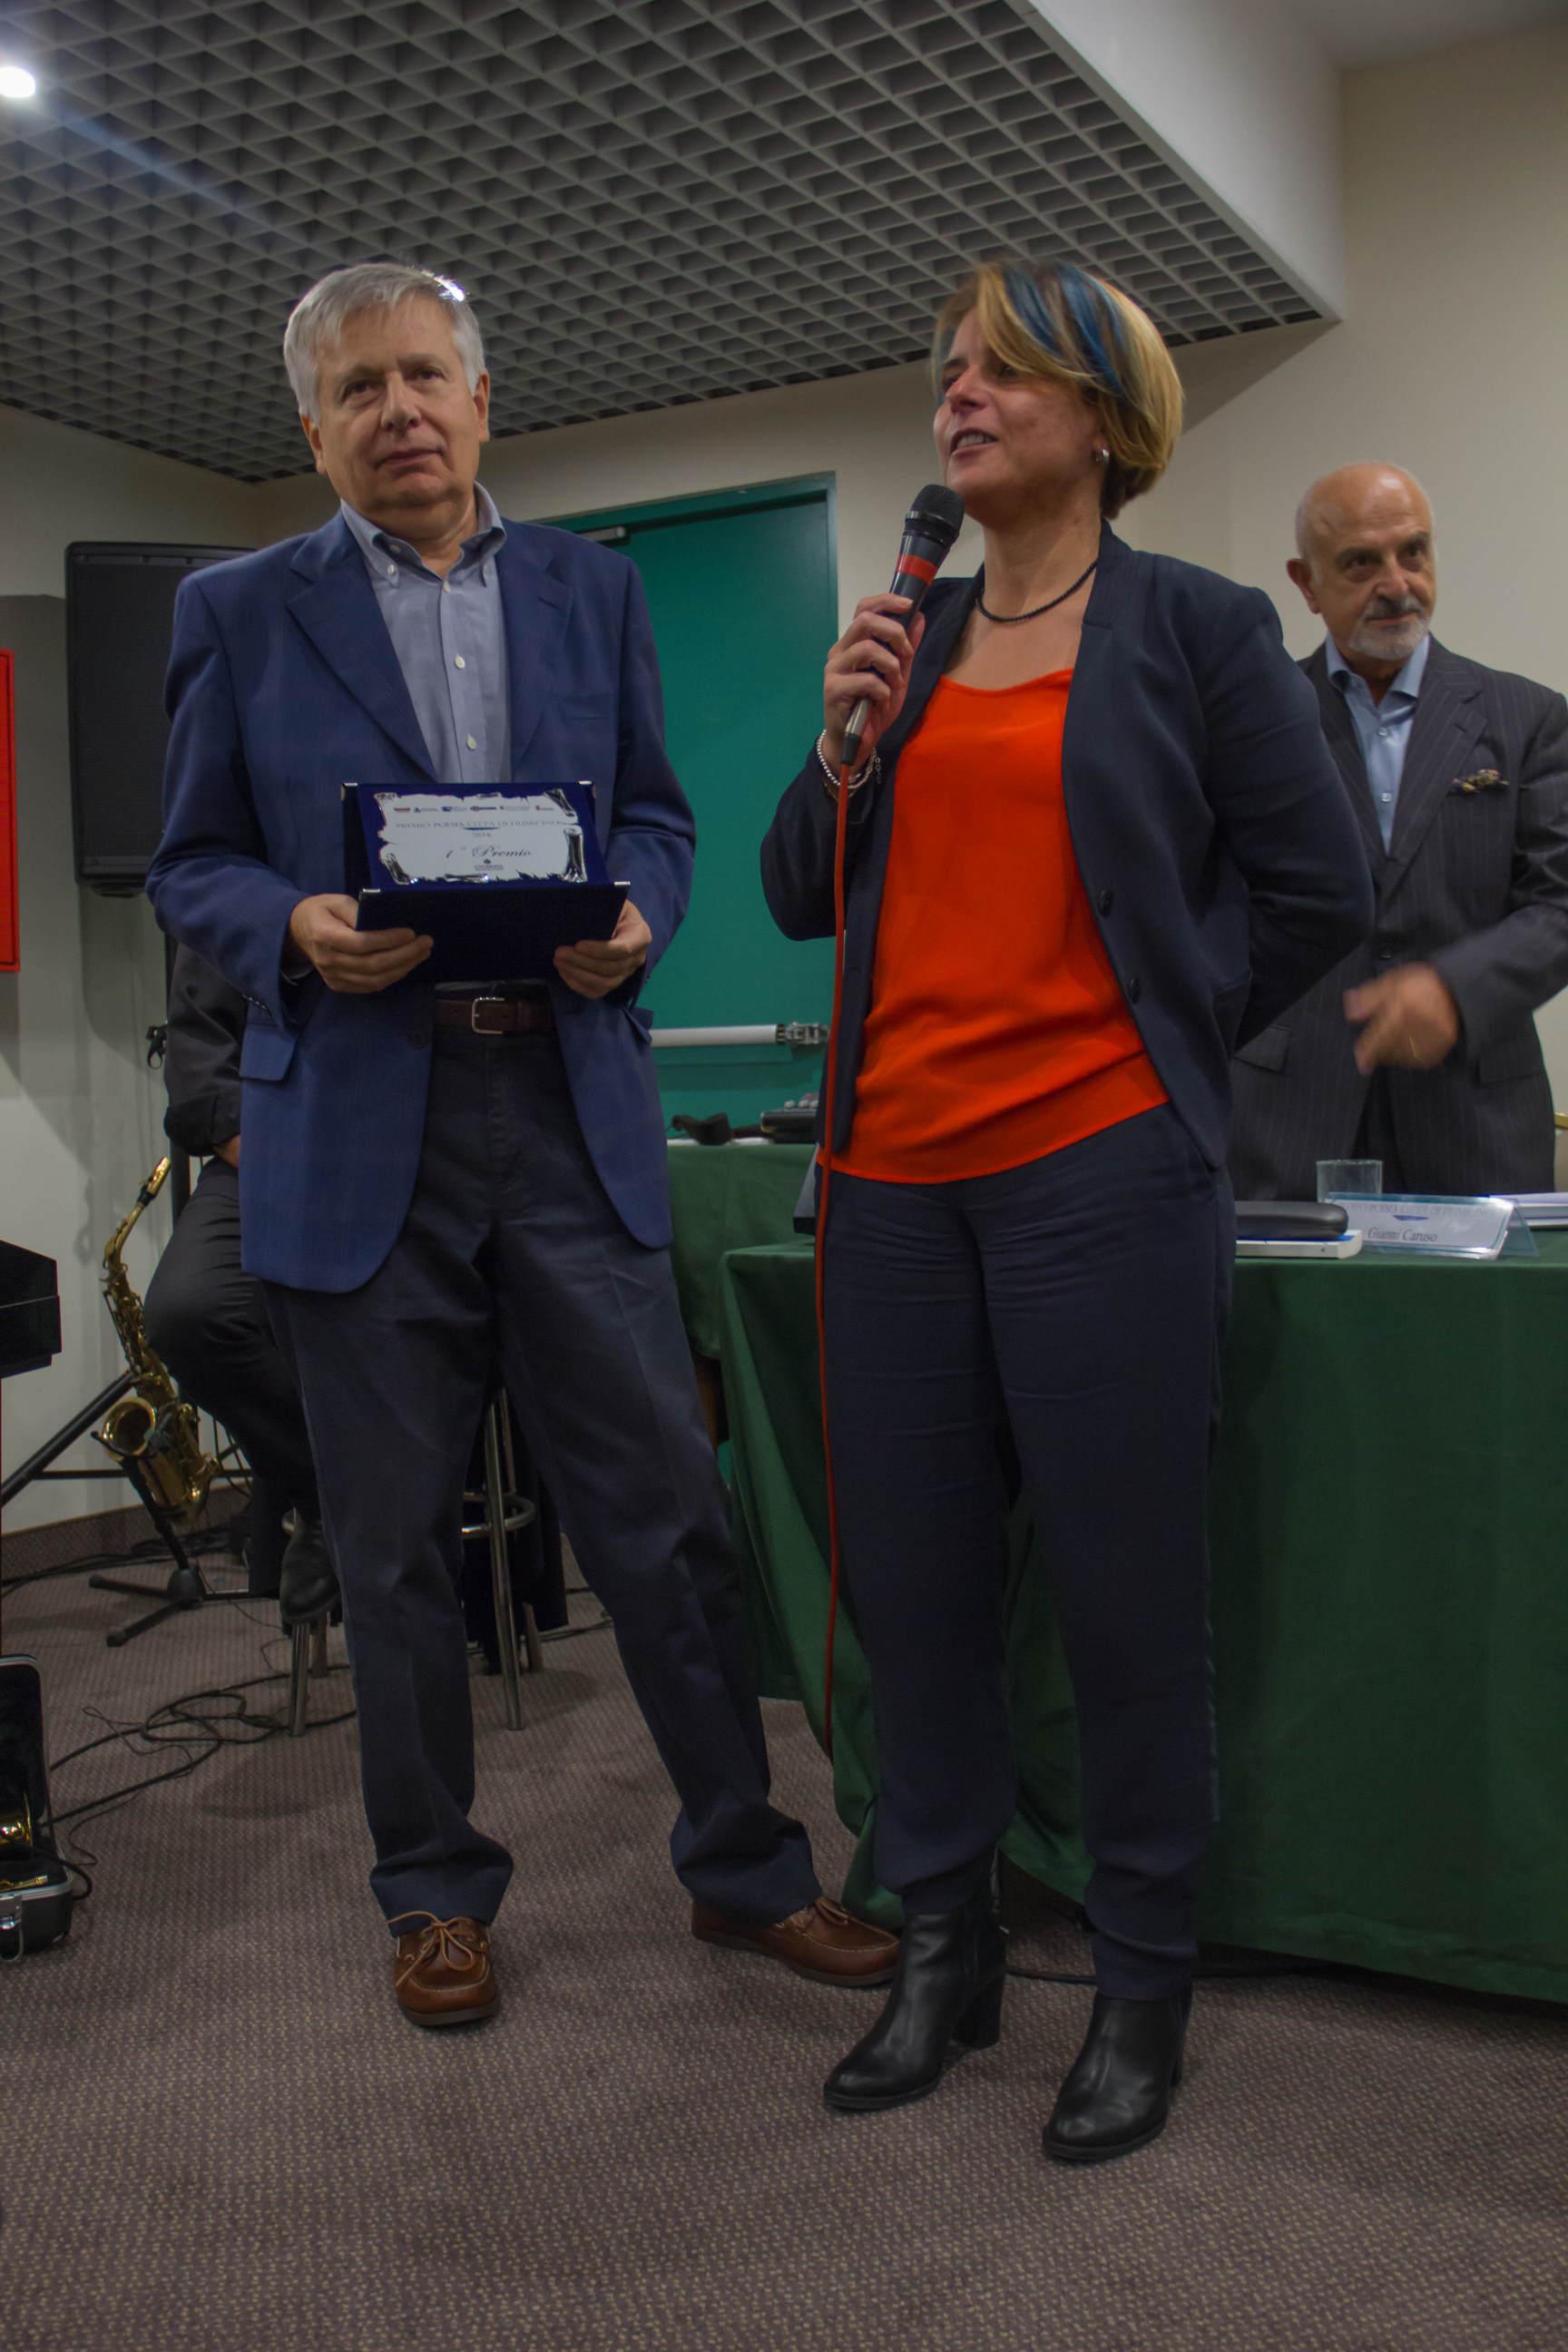 Michela Califano, del Consiglio Regione Lazio, porta i saluti e premia Giancarlo Pontiggia per il Premio Opera edita